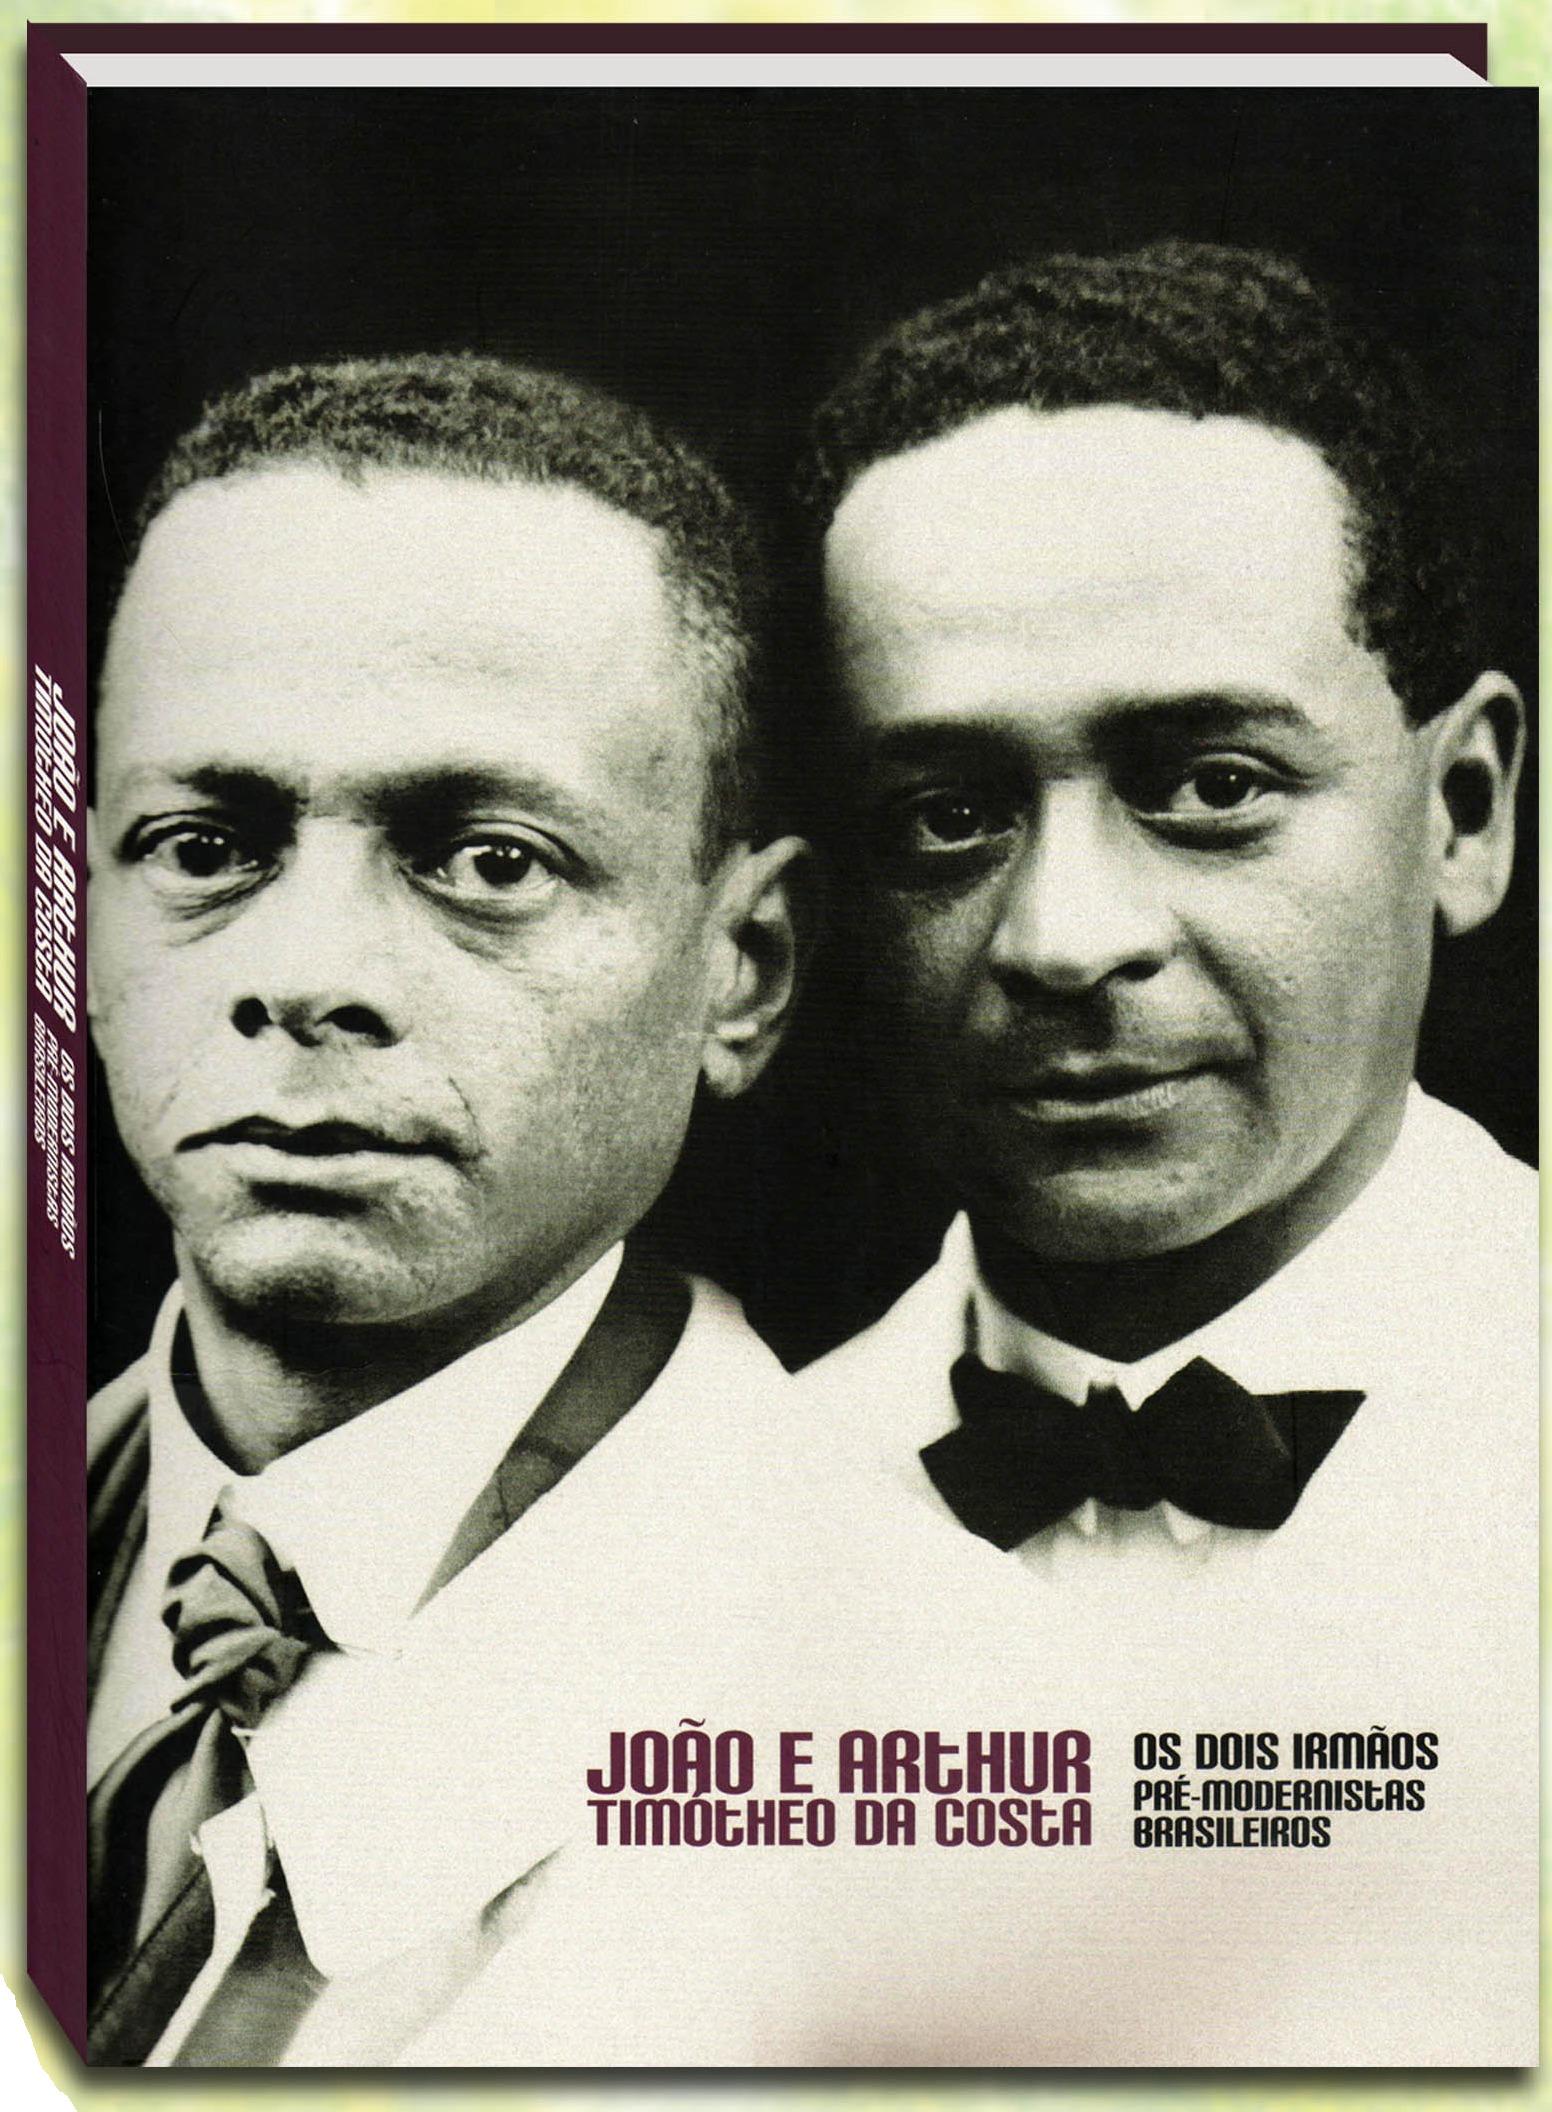 João e Arthur Timótheo da Costa - os dois irmãos pré-modernistas brasileiros Emanoel Araujo